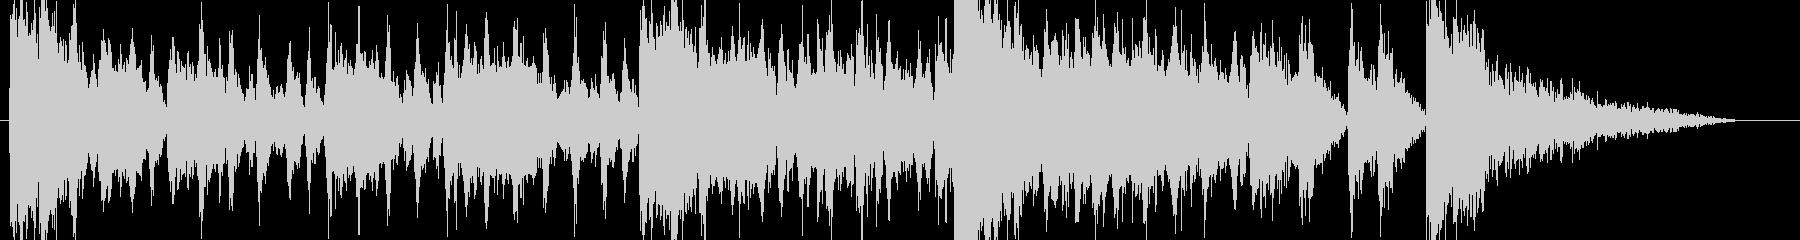 バトルアクション系のオーケストラBGM2の未再生の波形